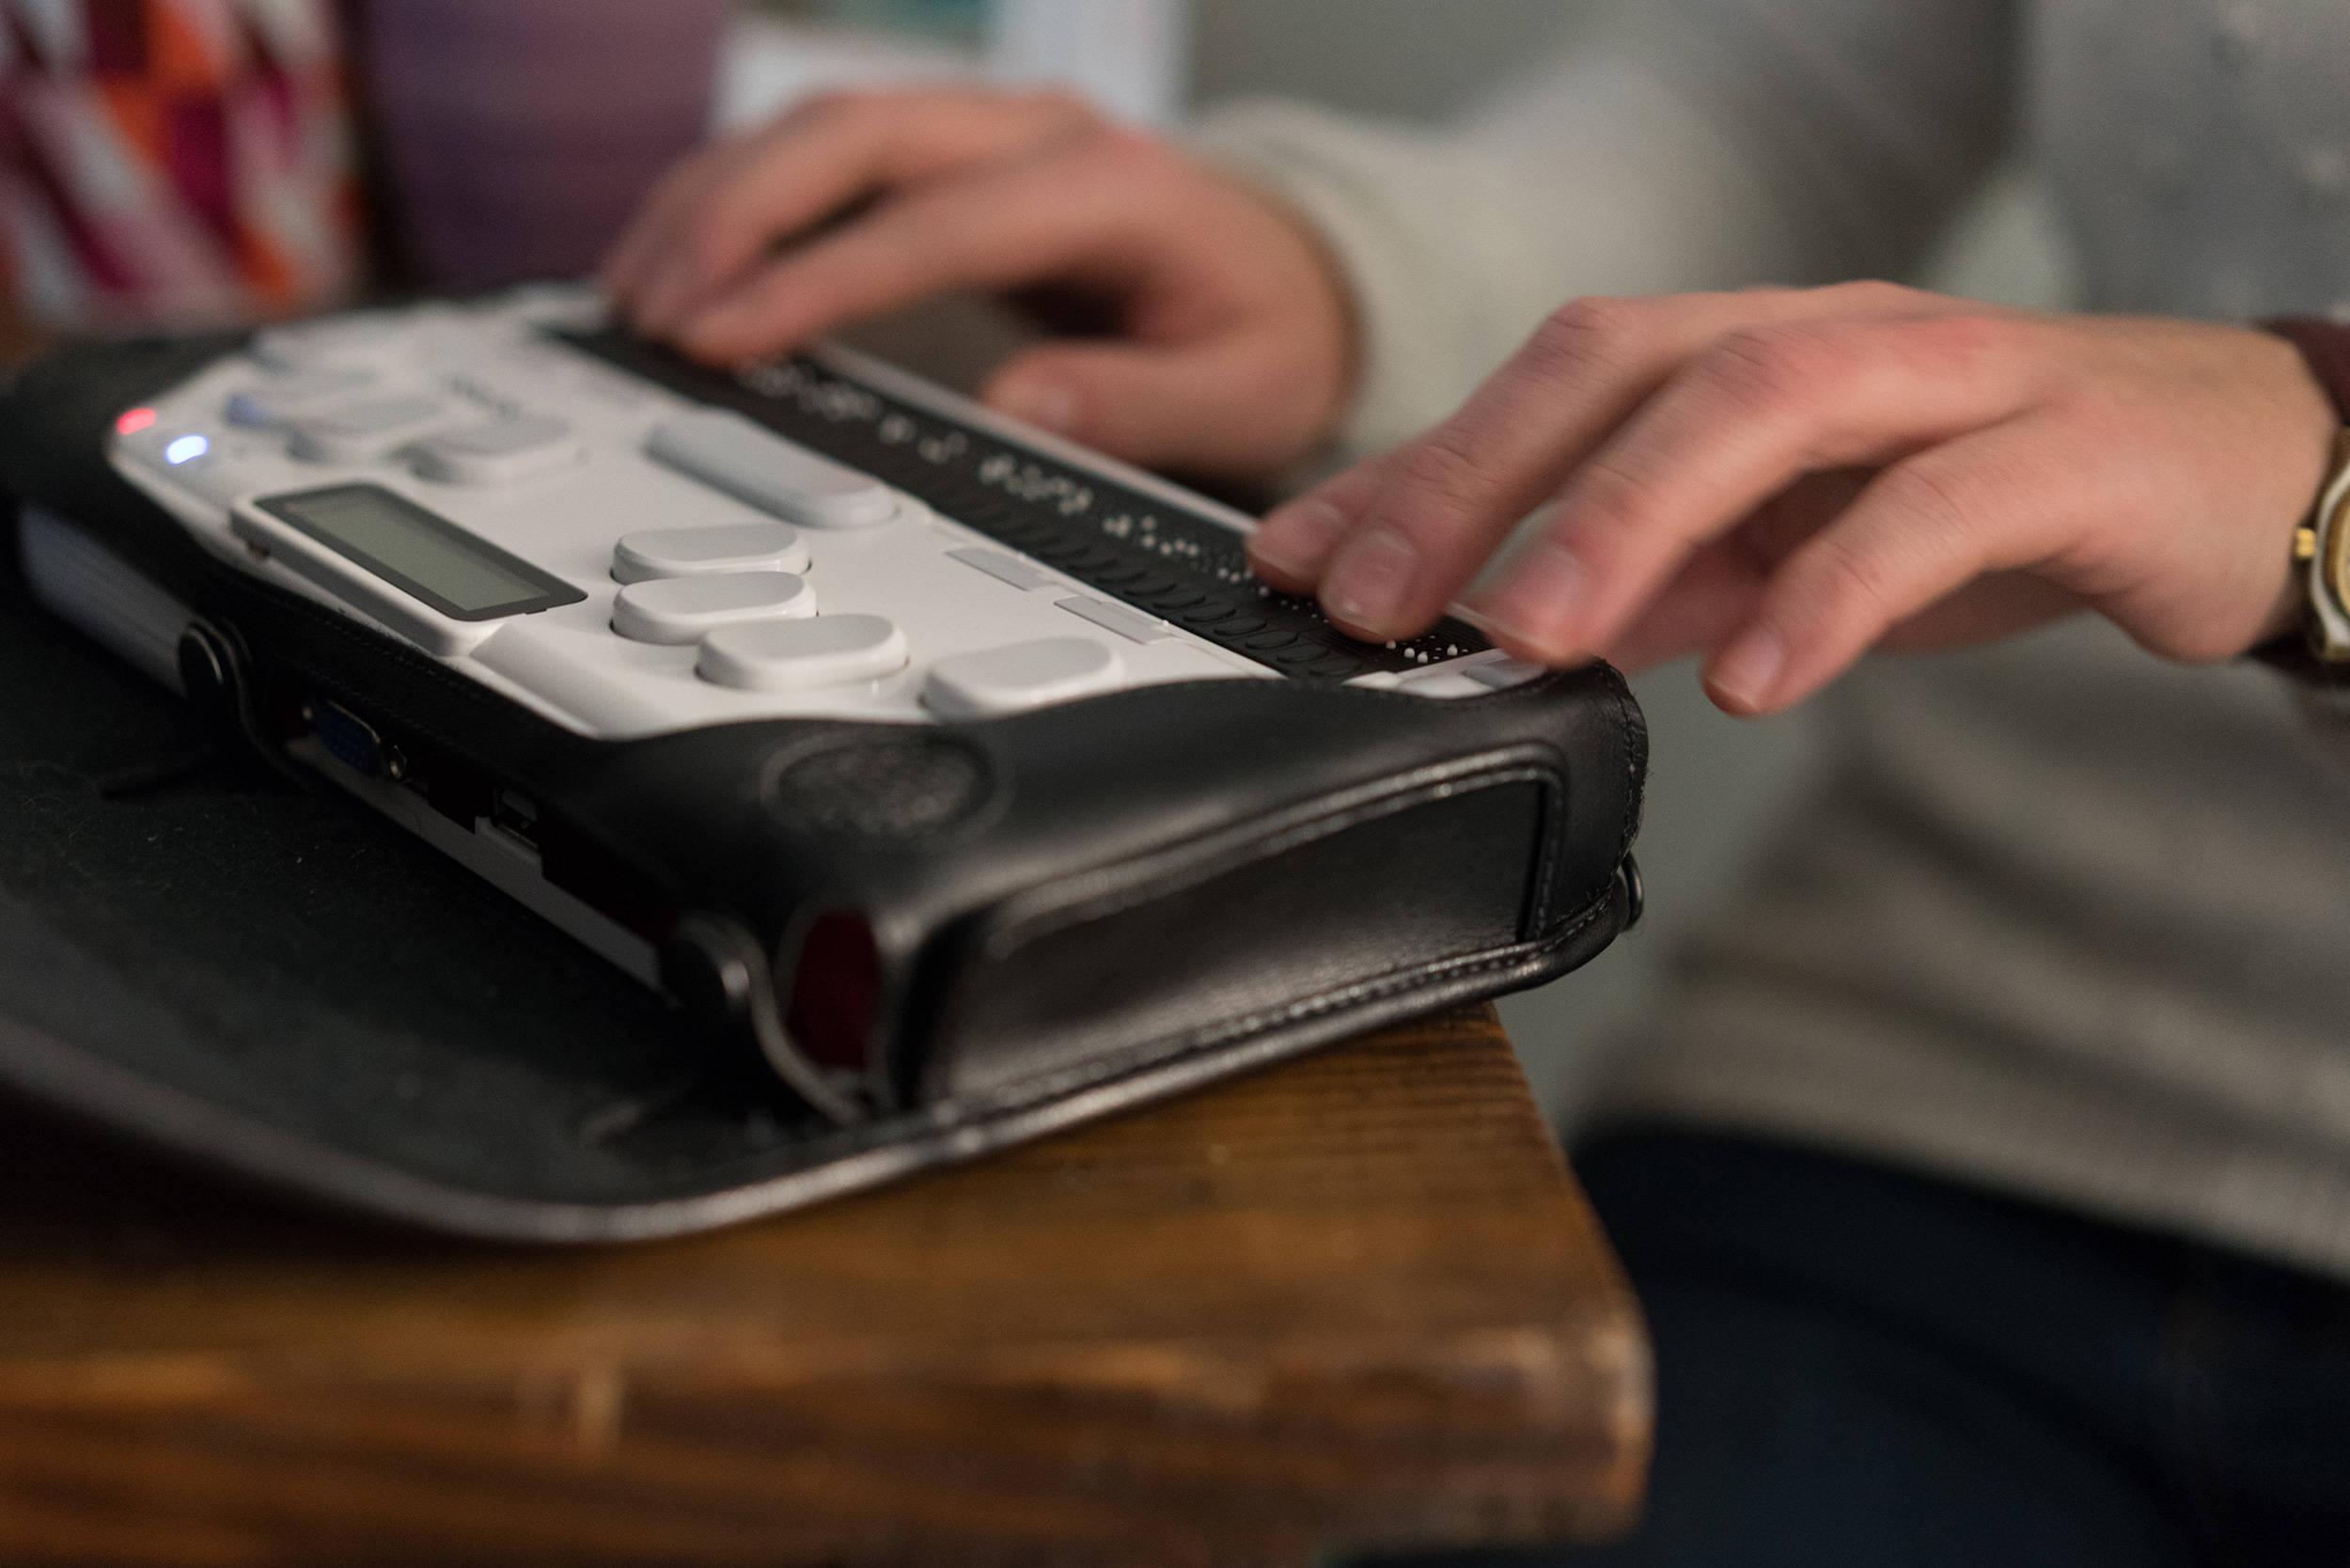 Deux mains décryptent un texte restitué en braille sur un appareil portatif.